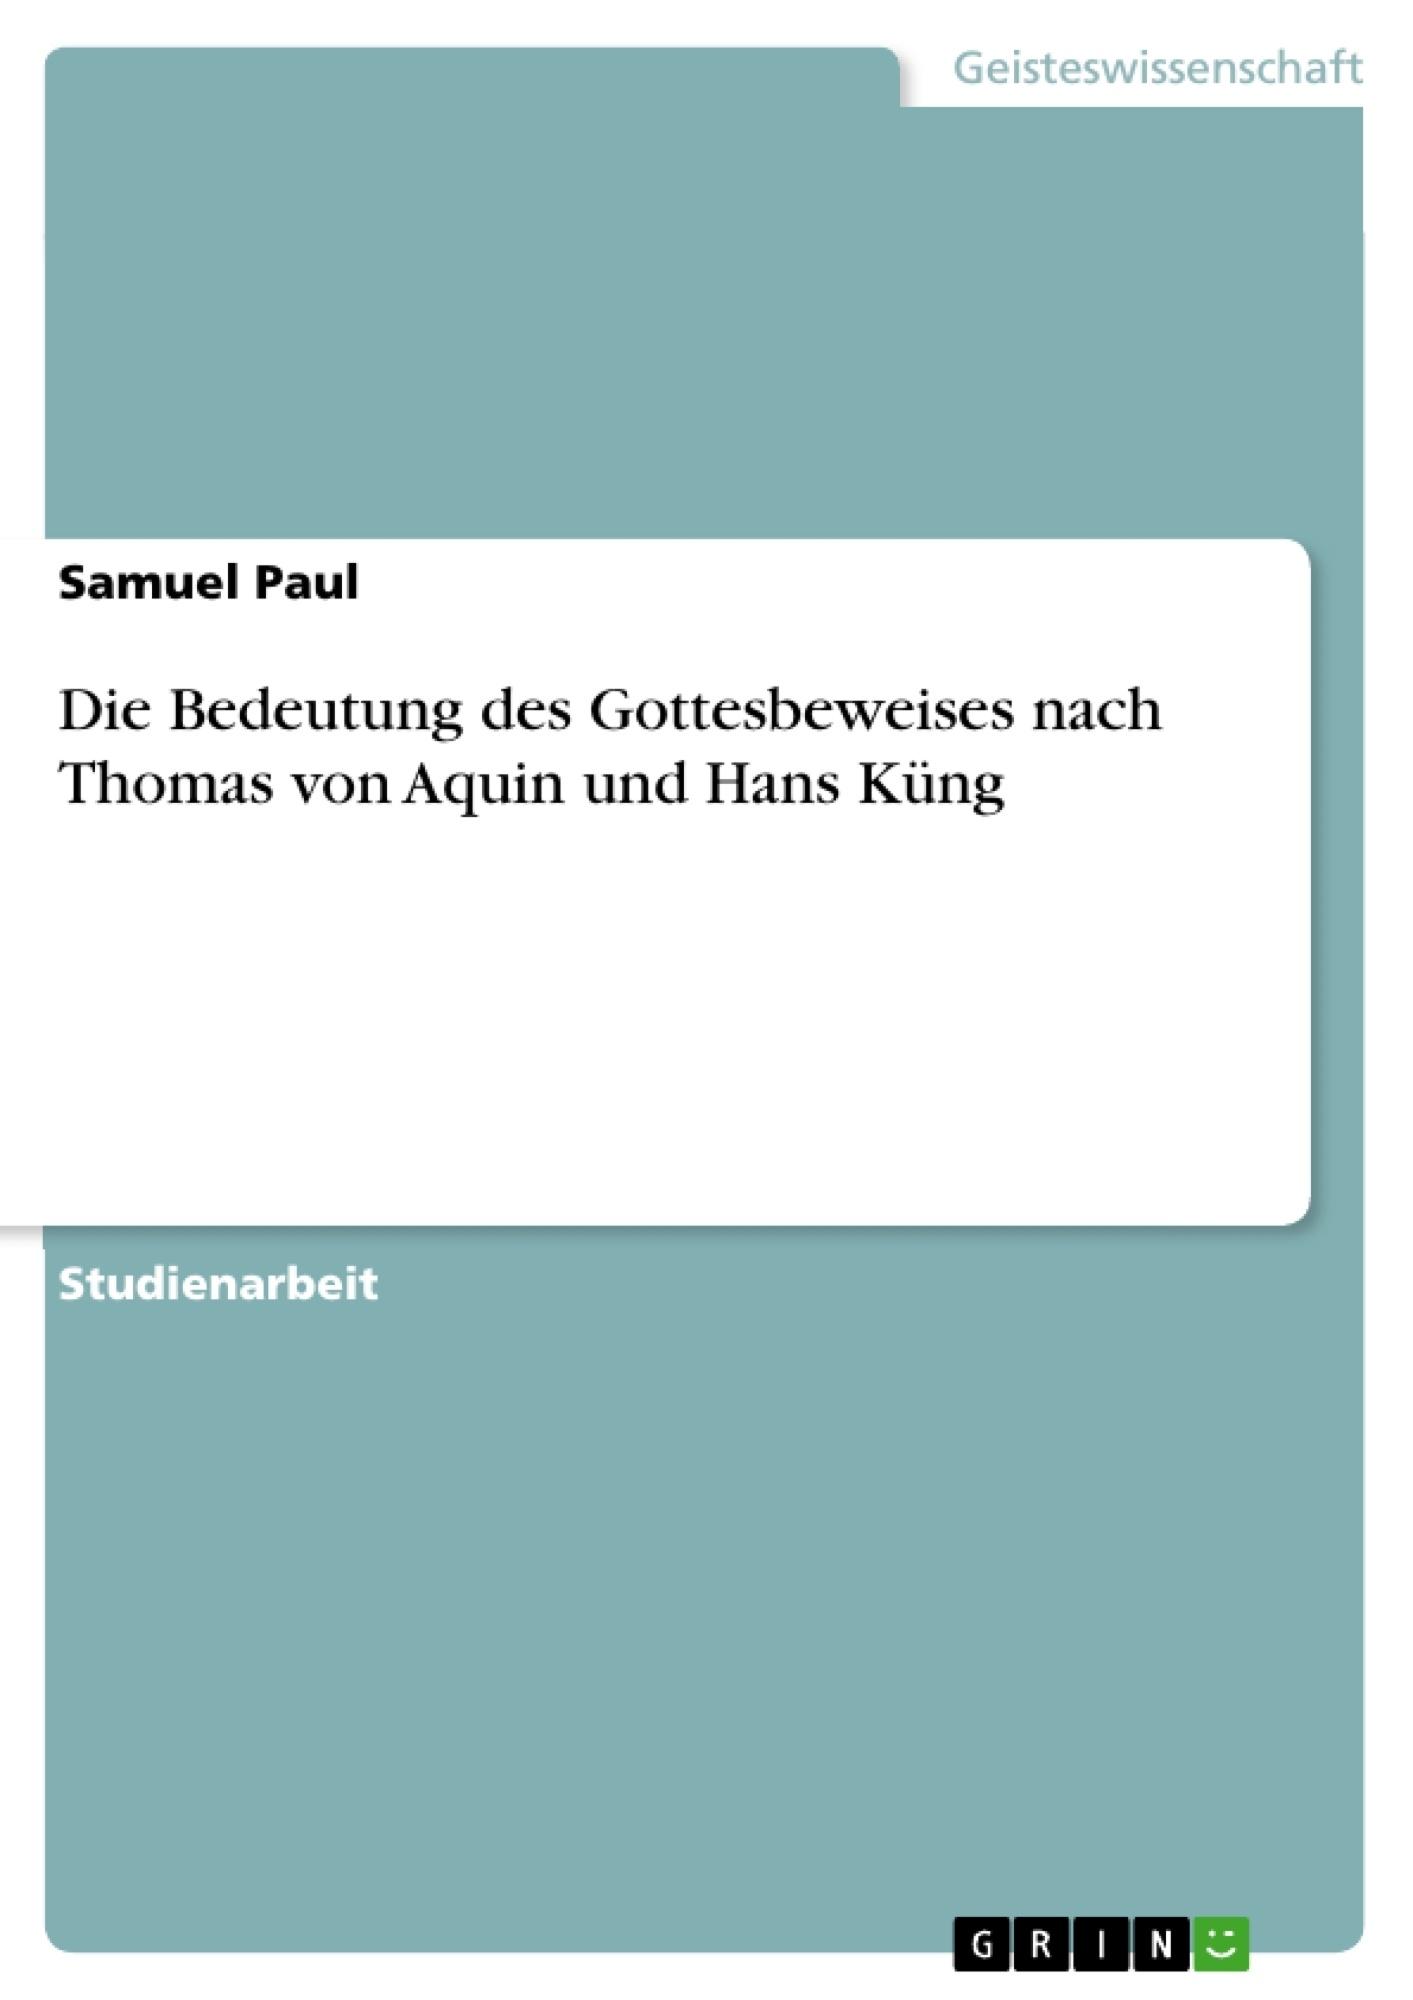 Titel: Die Bedeutung des Gottesbeweises nach Thomas von Aquin und Hans Küng